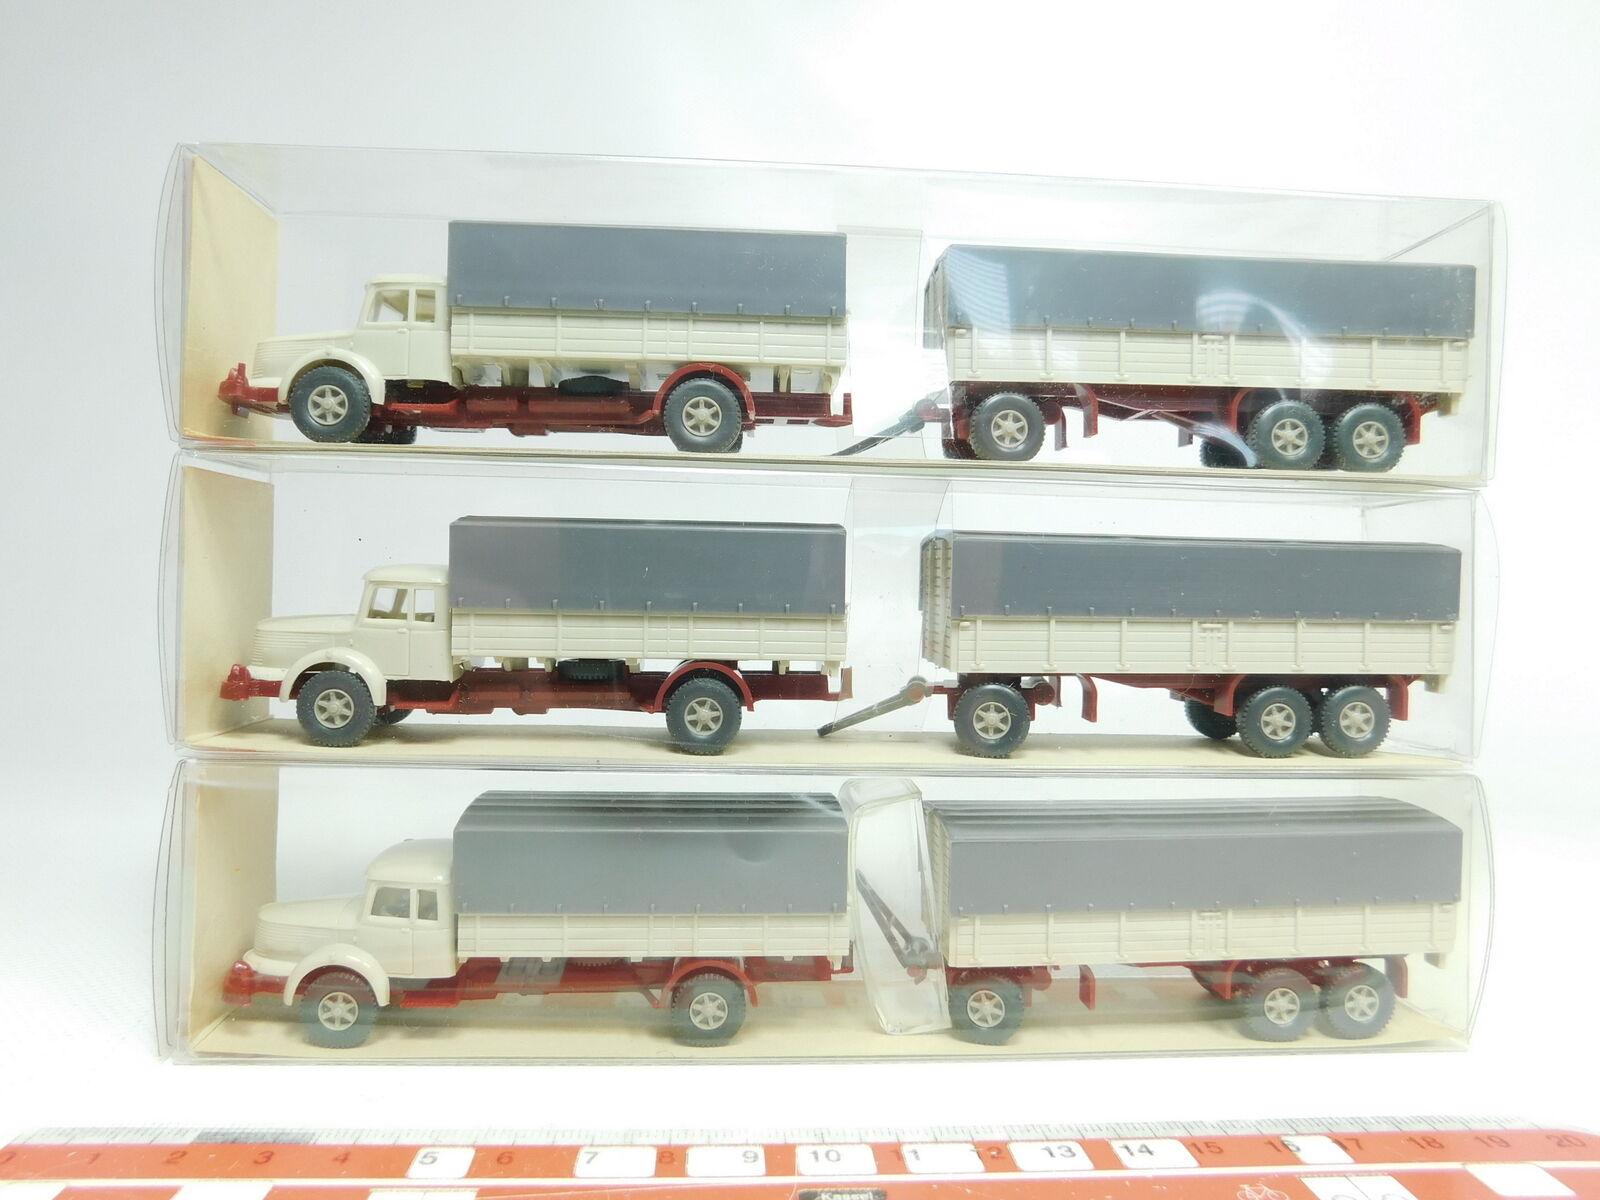 BJ477-0,5  3x Wiking H0 1 87 480 Lastzug Lastwagen Lastwagen Lastwagen LKW Krupp Titan, NEUWOVP  | Hervorragende Eigenschaften  e57347